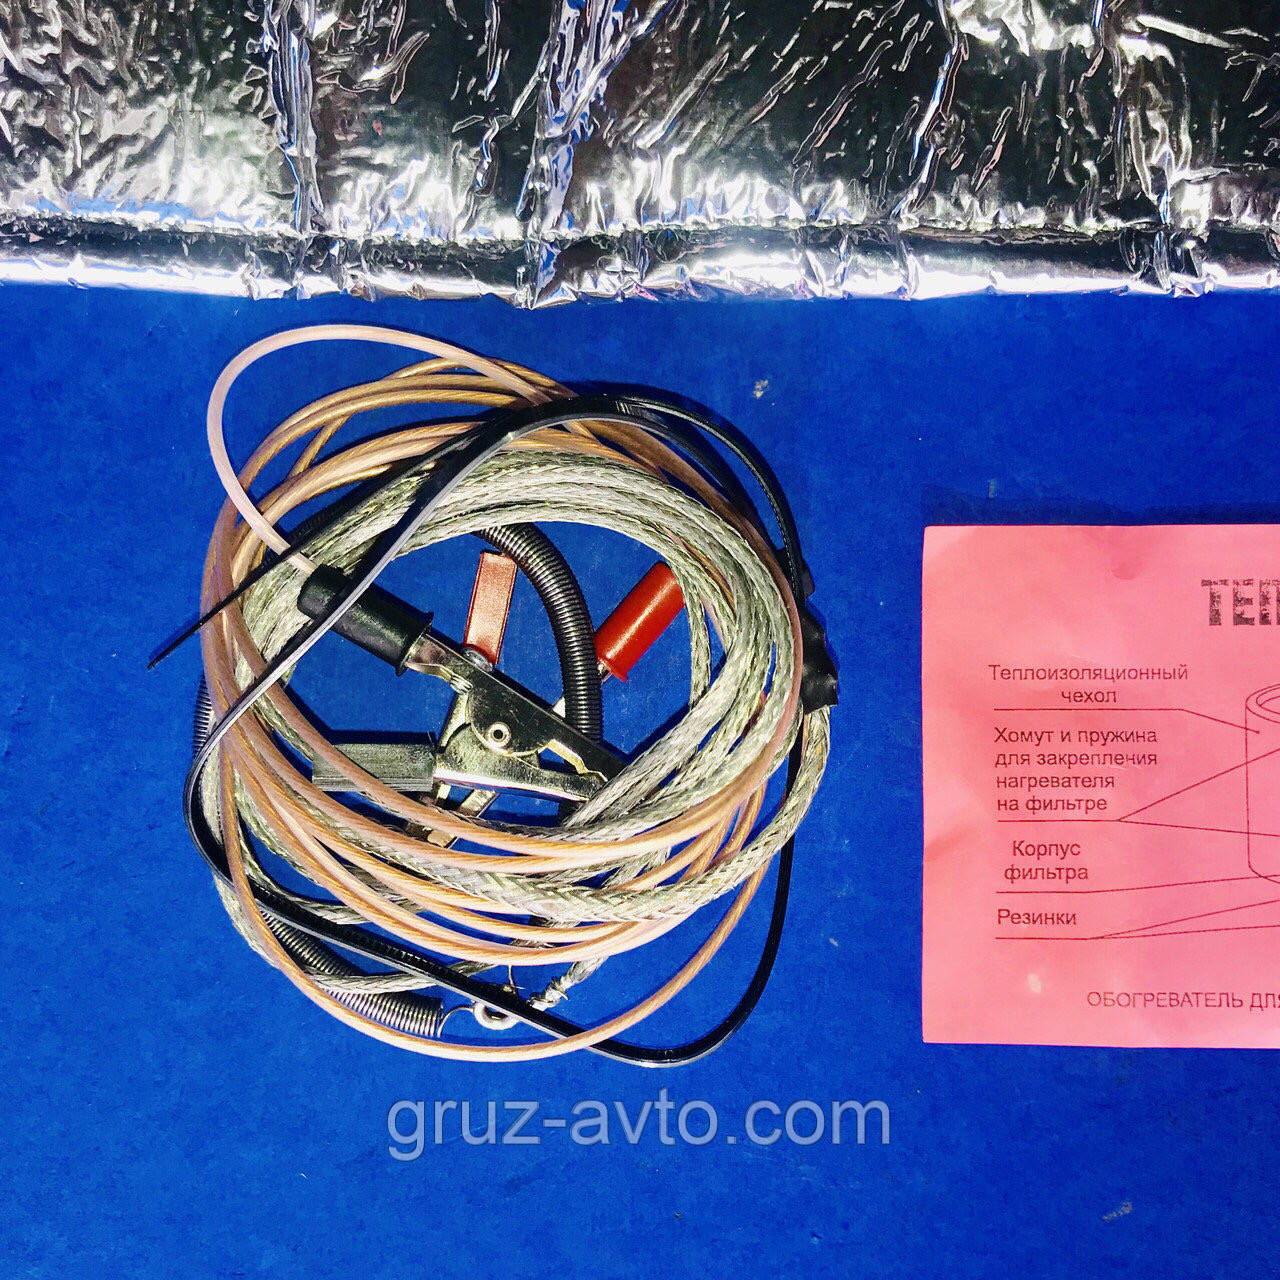 Подогрев фильтра топливного, бандажный для дизелных ДВС (теплый фильтр) 12 В.